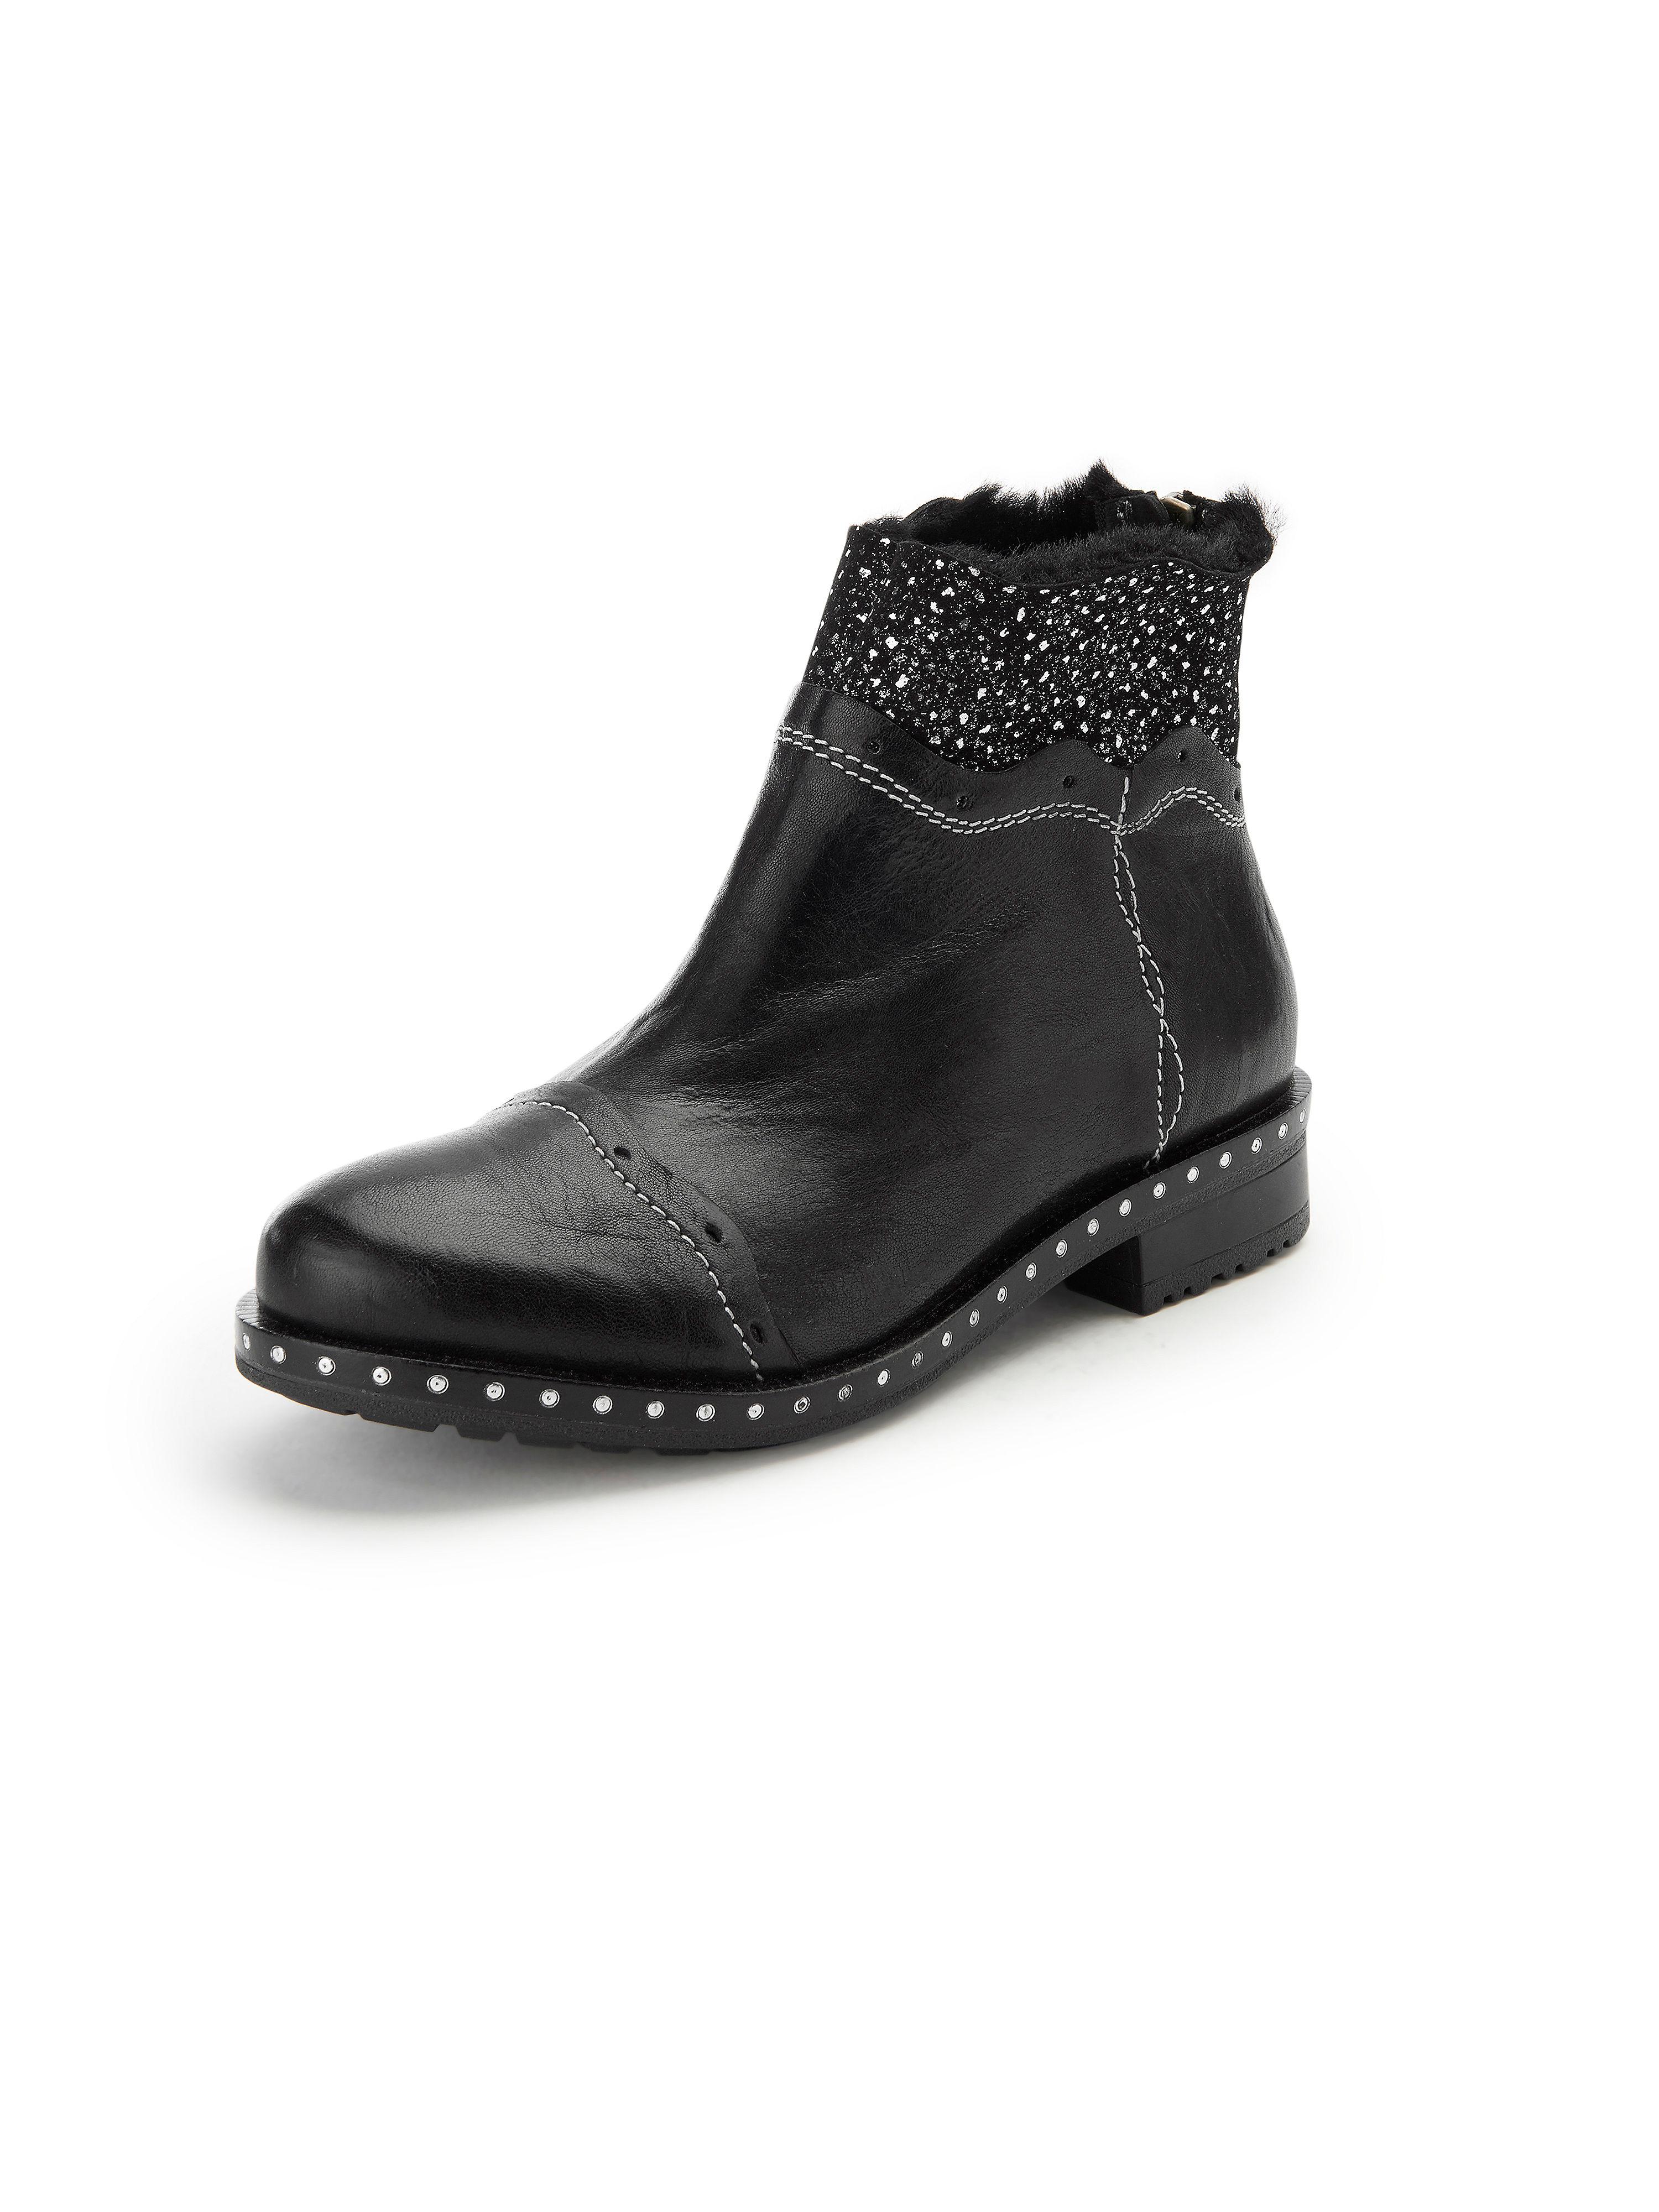 Les bottines Wiebke cuir nappa  iiM77 noir taille 37